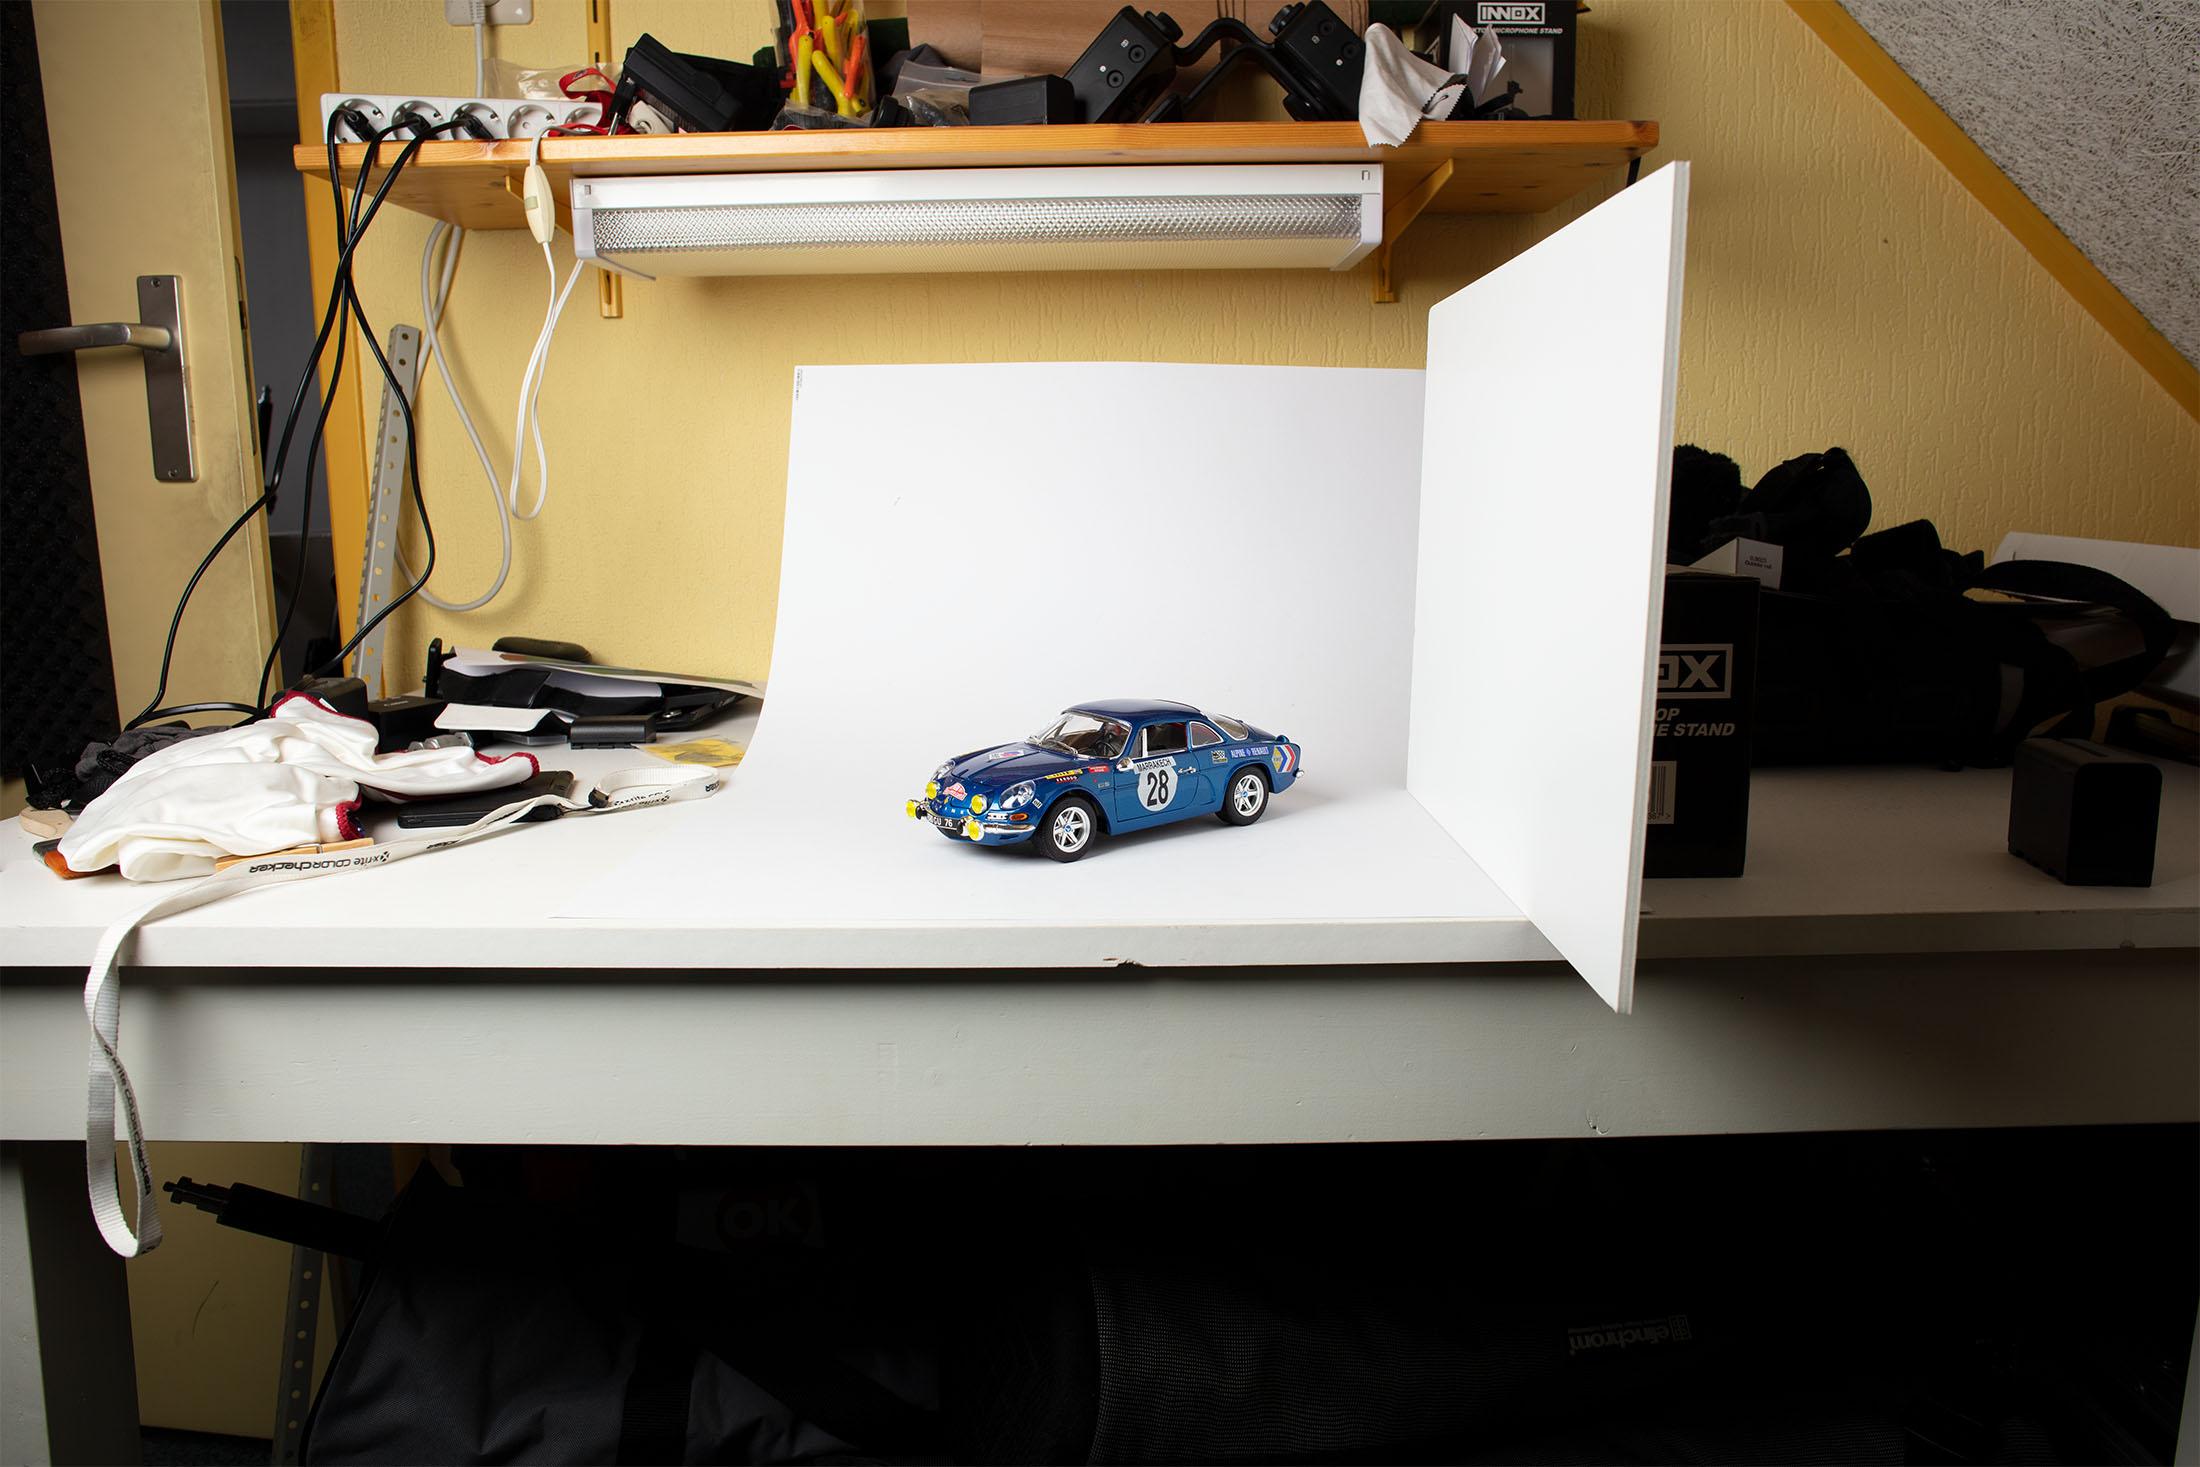 Een voorbeeldfoto op 24mm met een geknepen diafragma op 2 meter van mijn onderwerp